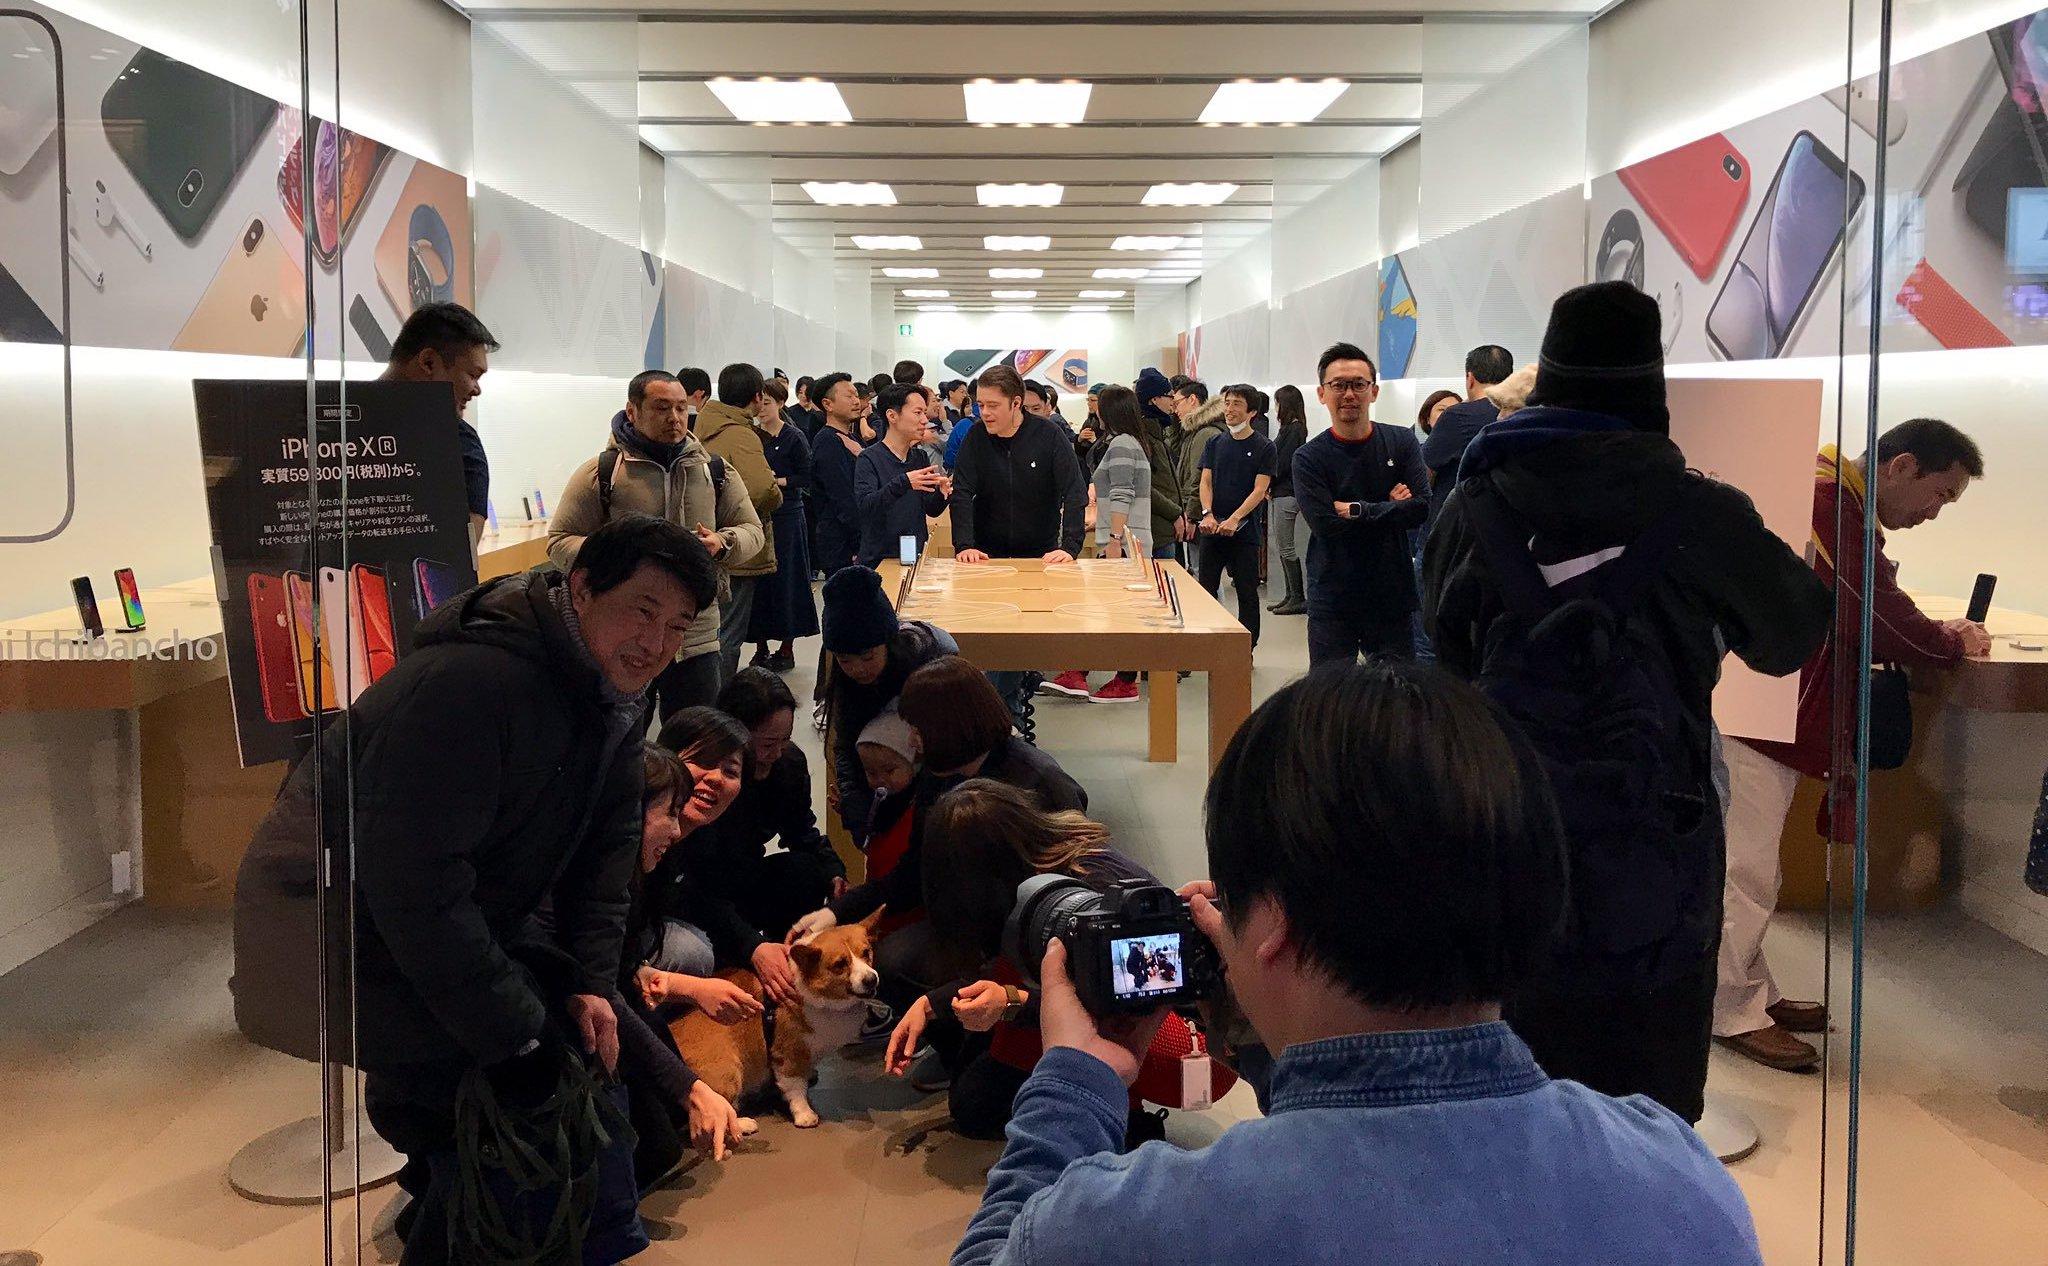 全球最小规模的 Apple Store(日本仙台) 在粉丝的见证下最终关闭